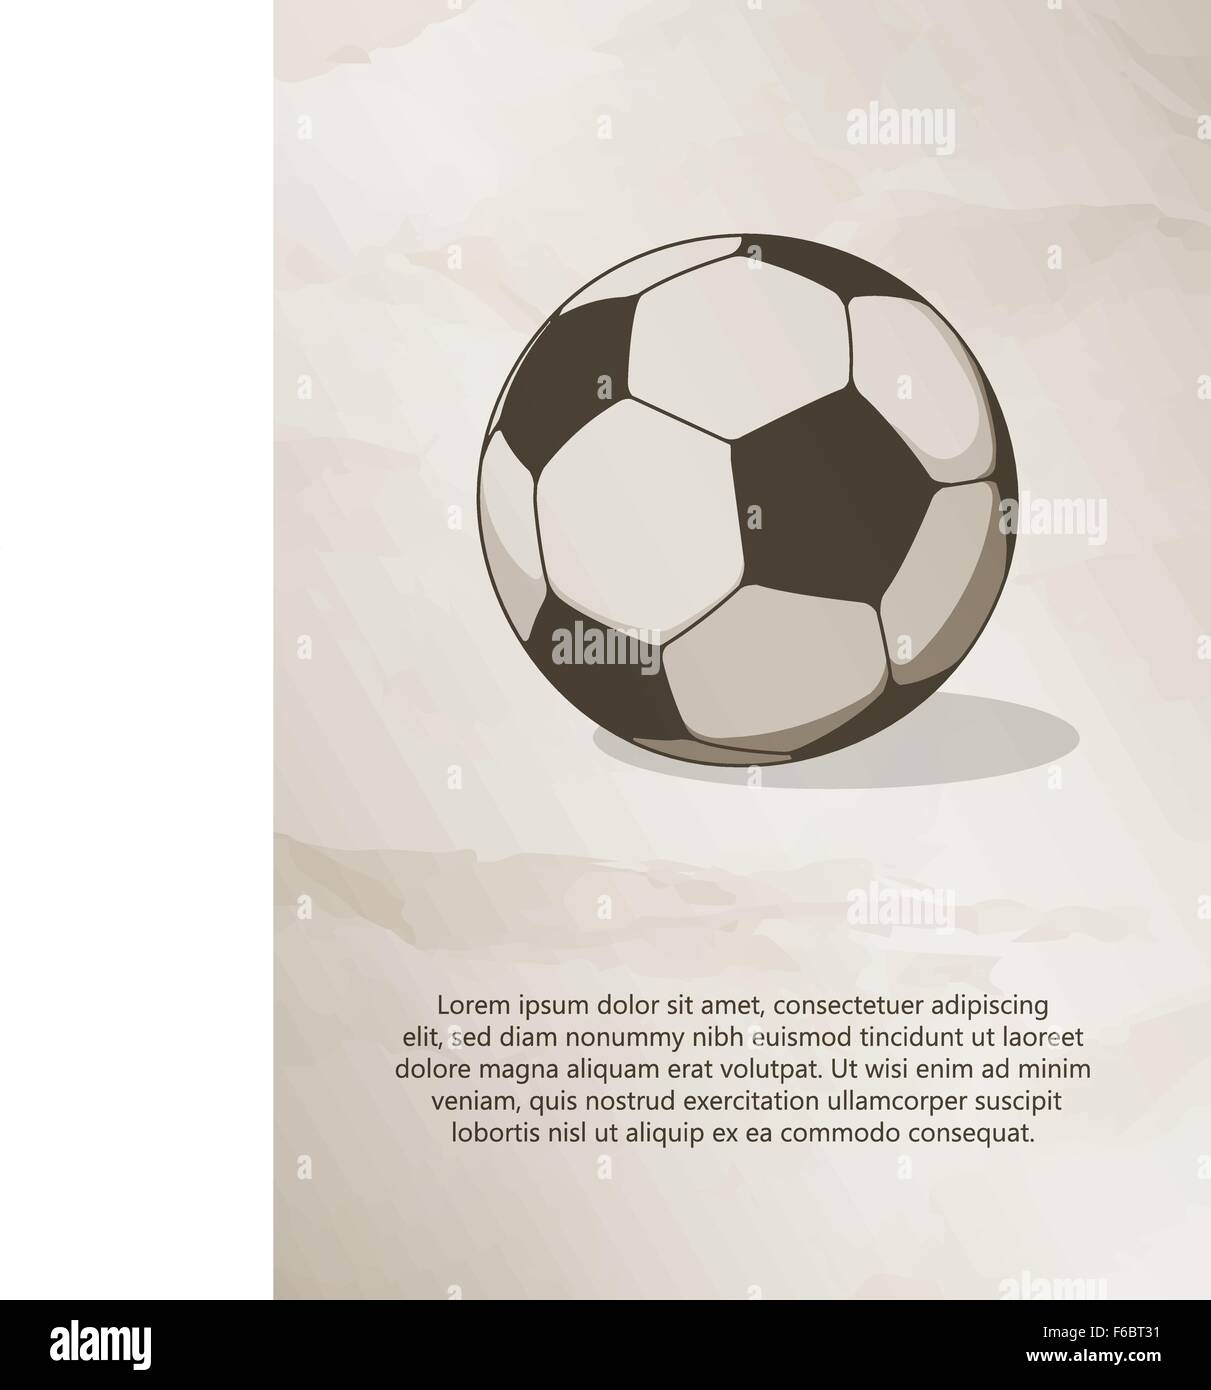 Fußball, Fußball-Ball. Vintage Label, Logo, Rahmen, Broschüren ...